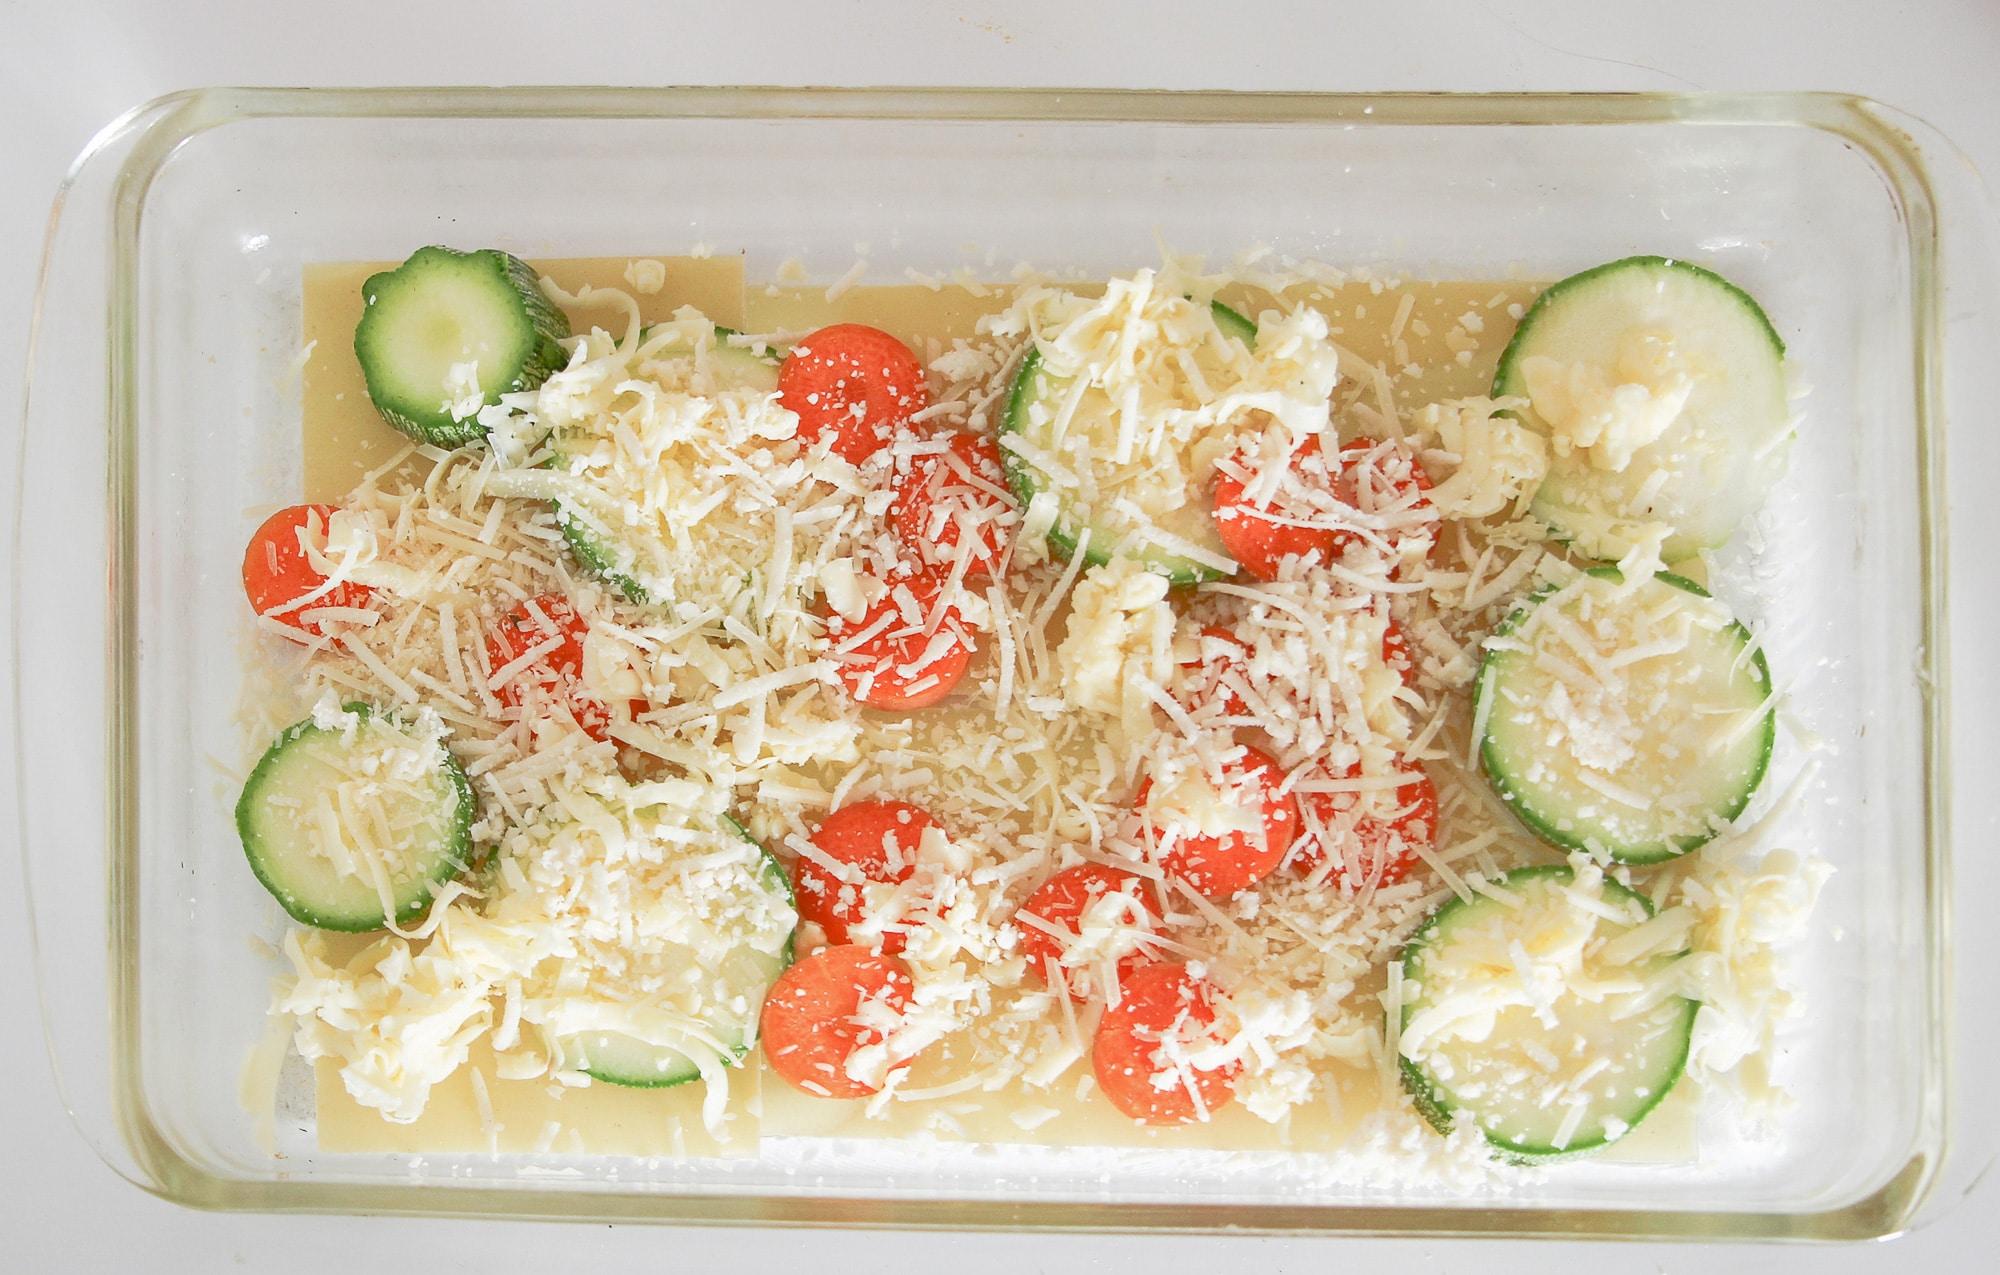 lasagna layers in pan